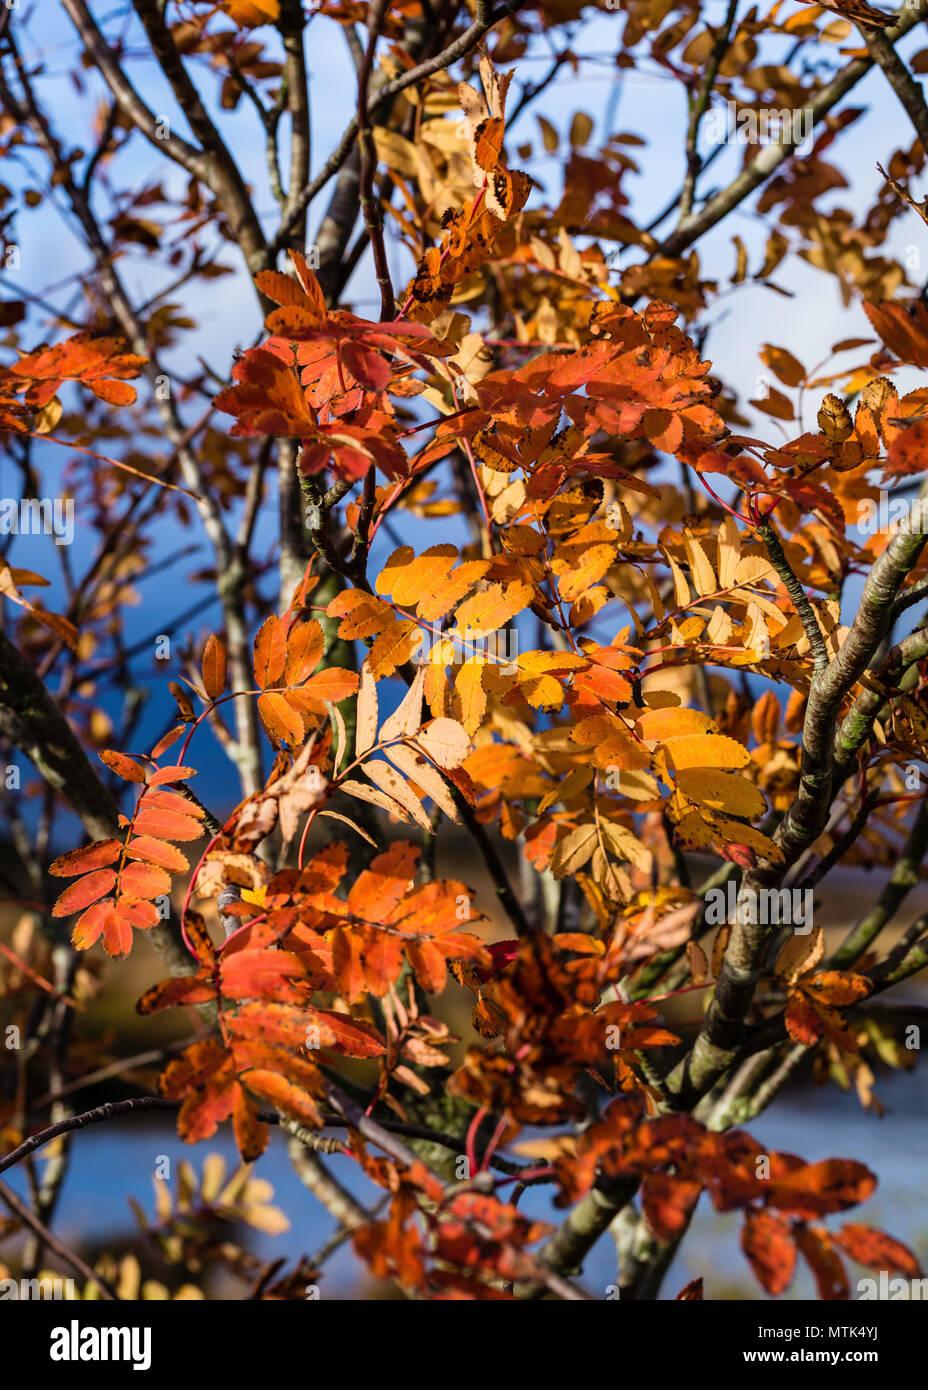 Los colores de otoño estaban en su máxima perfección cuando vinimos de nuestra visita Foto de stock